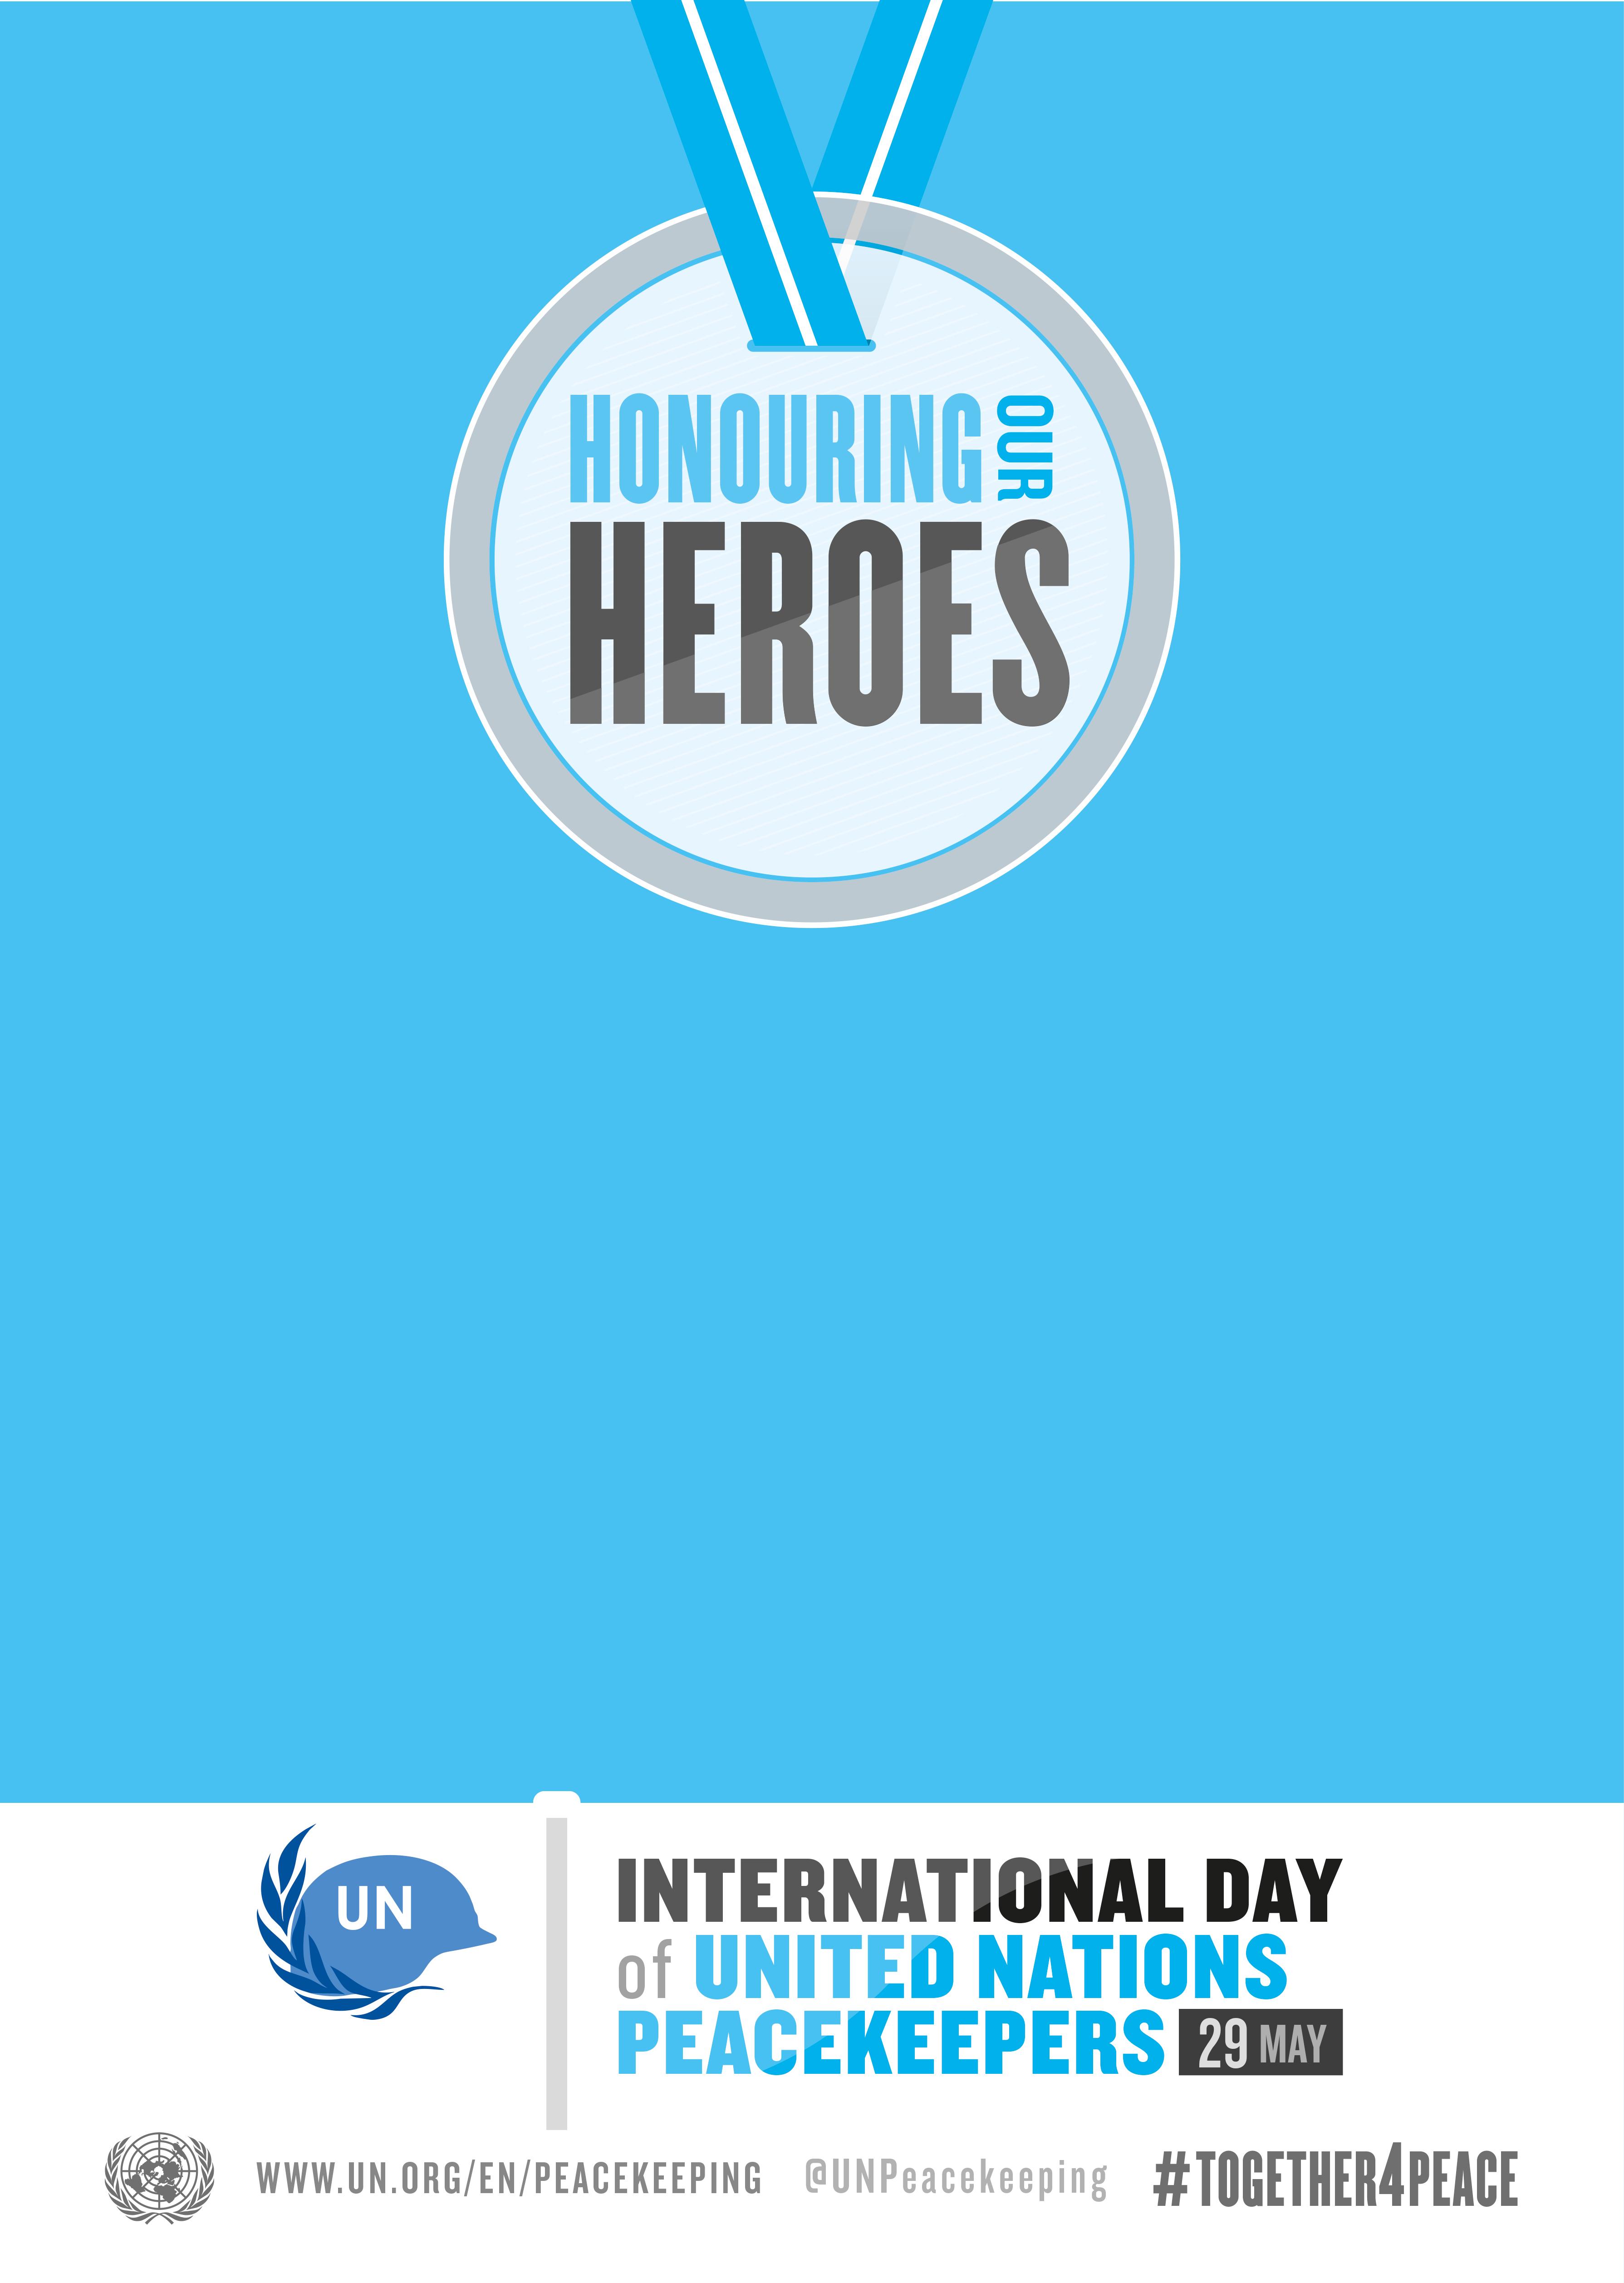 29 maggio … anni fa – Giornata dei Portatori di Pace, i Peacekeeper